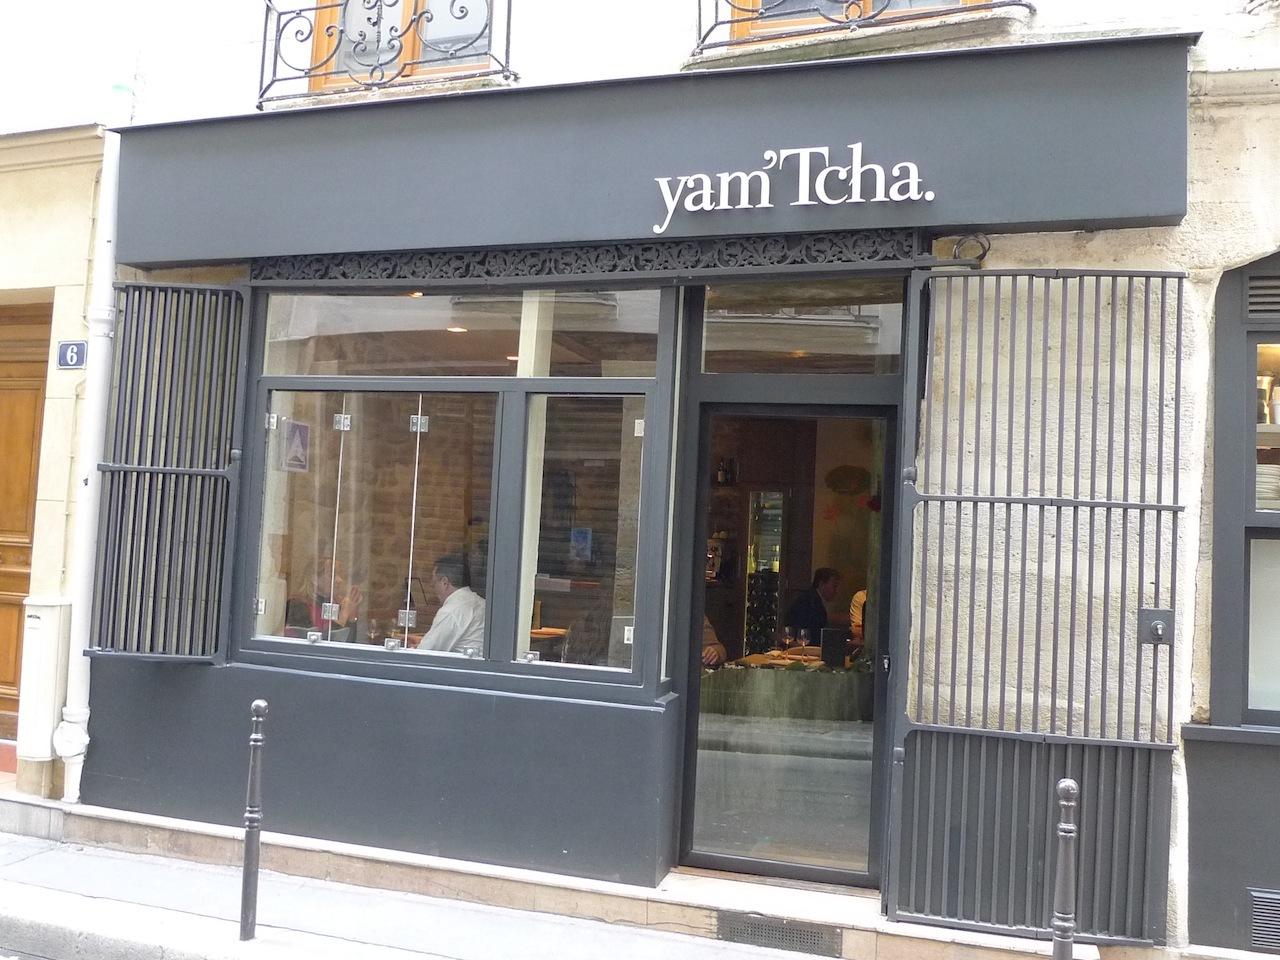 haute cuisine in paris 100 best restaurants time out paris. Black Bedroom Furniture Sets. Home Design Ideas